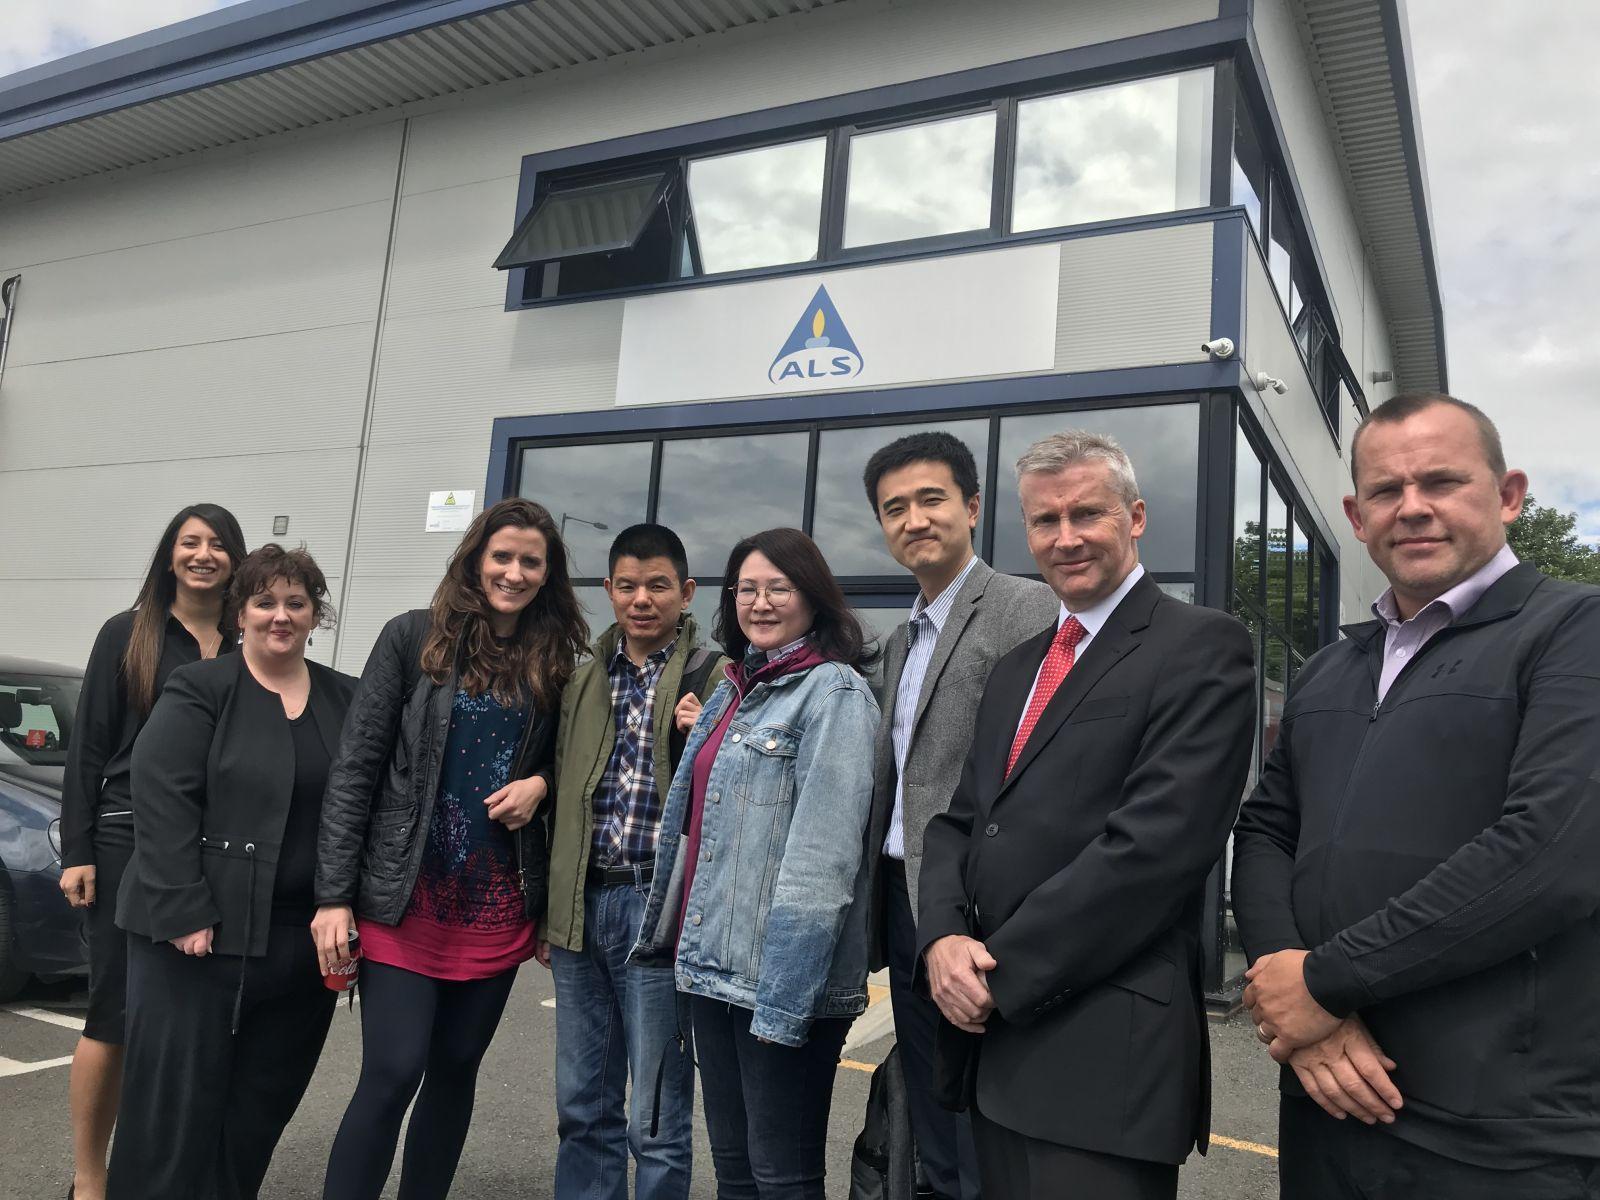 Shrewsbury Chinese trade visit